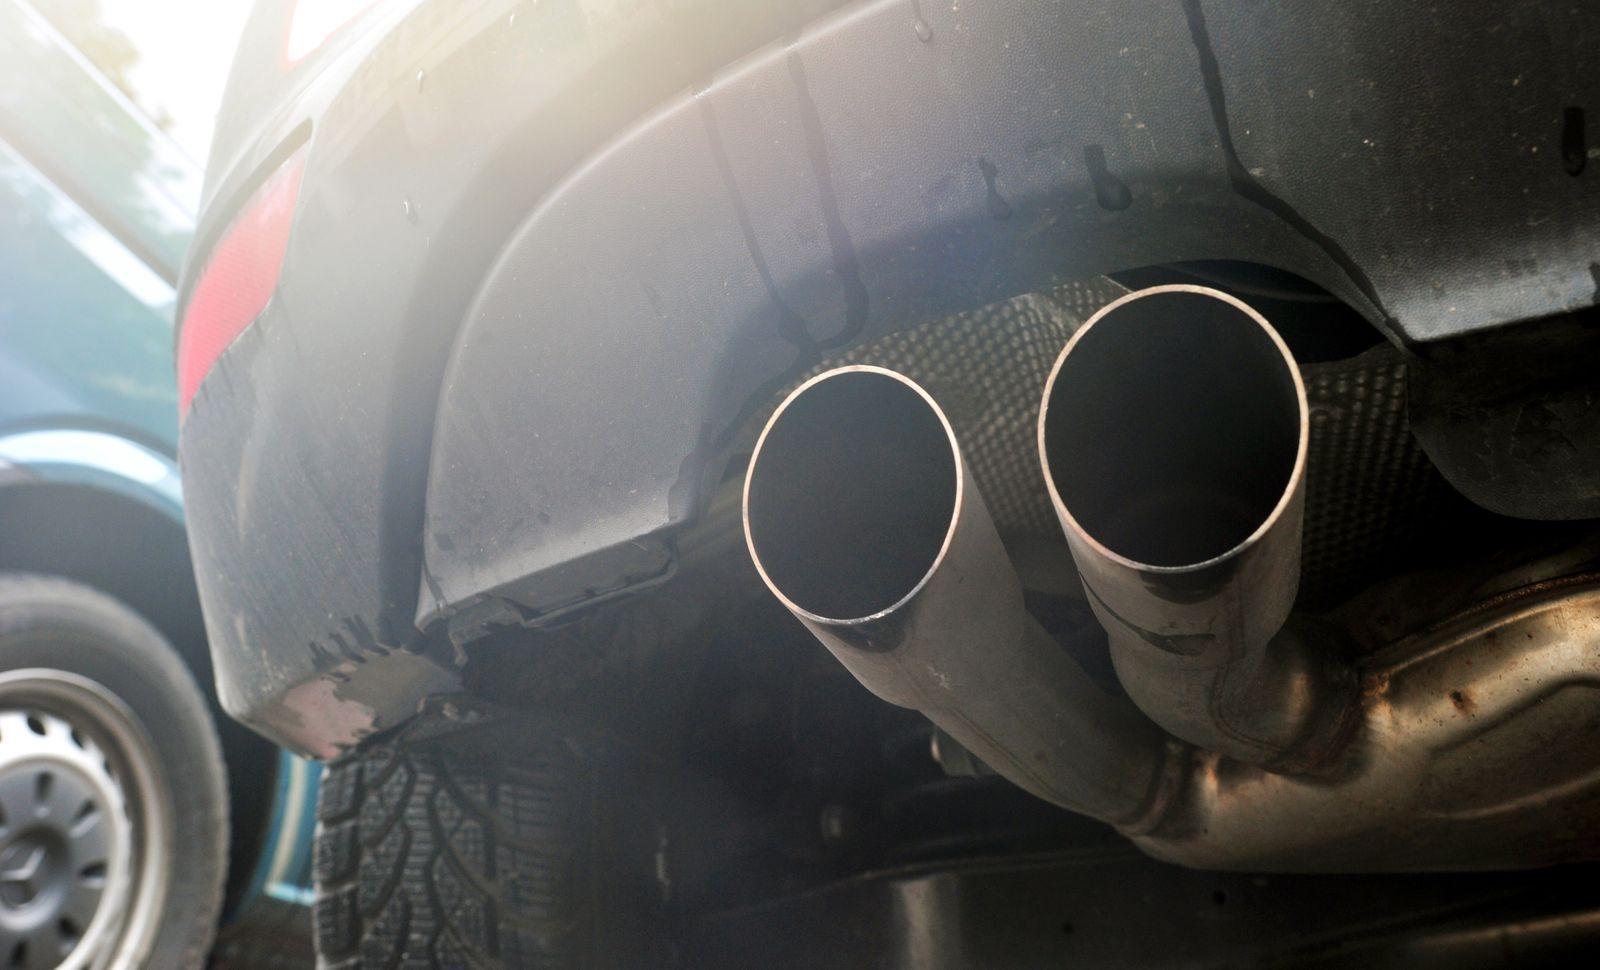 Auspuff von Diesel-PKW / Abgas /